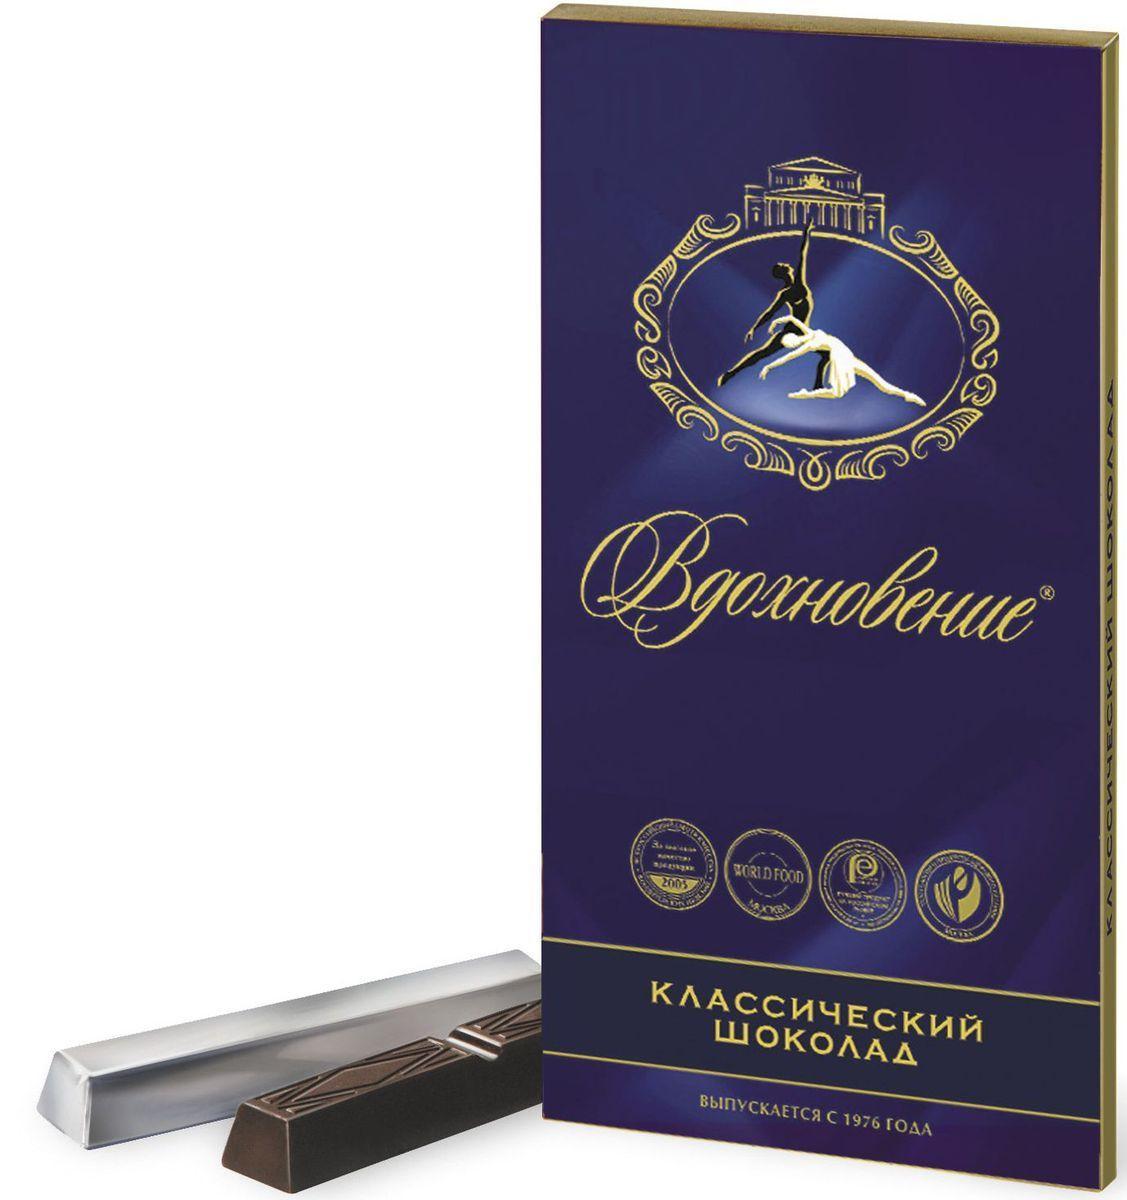 Горький шоколад Бабаевский Вдохновение классический